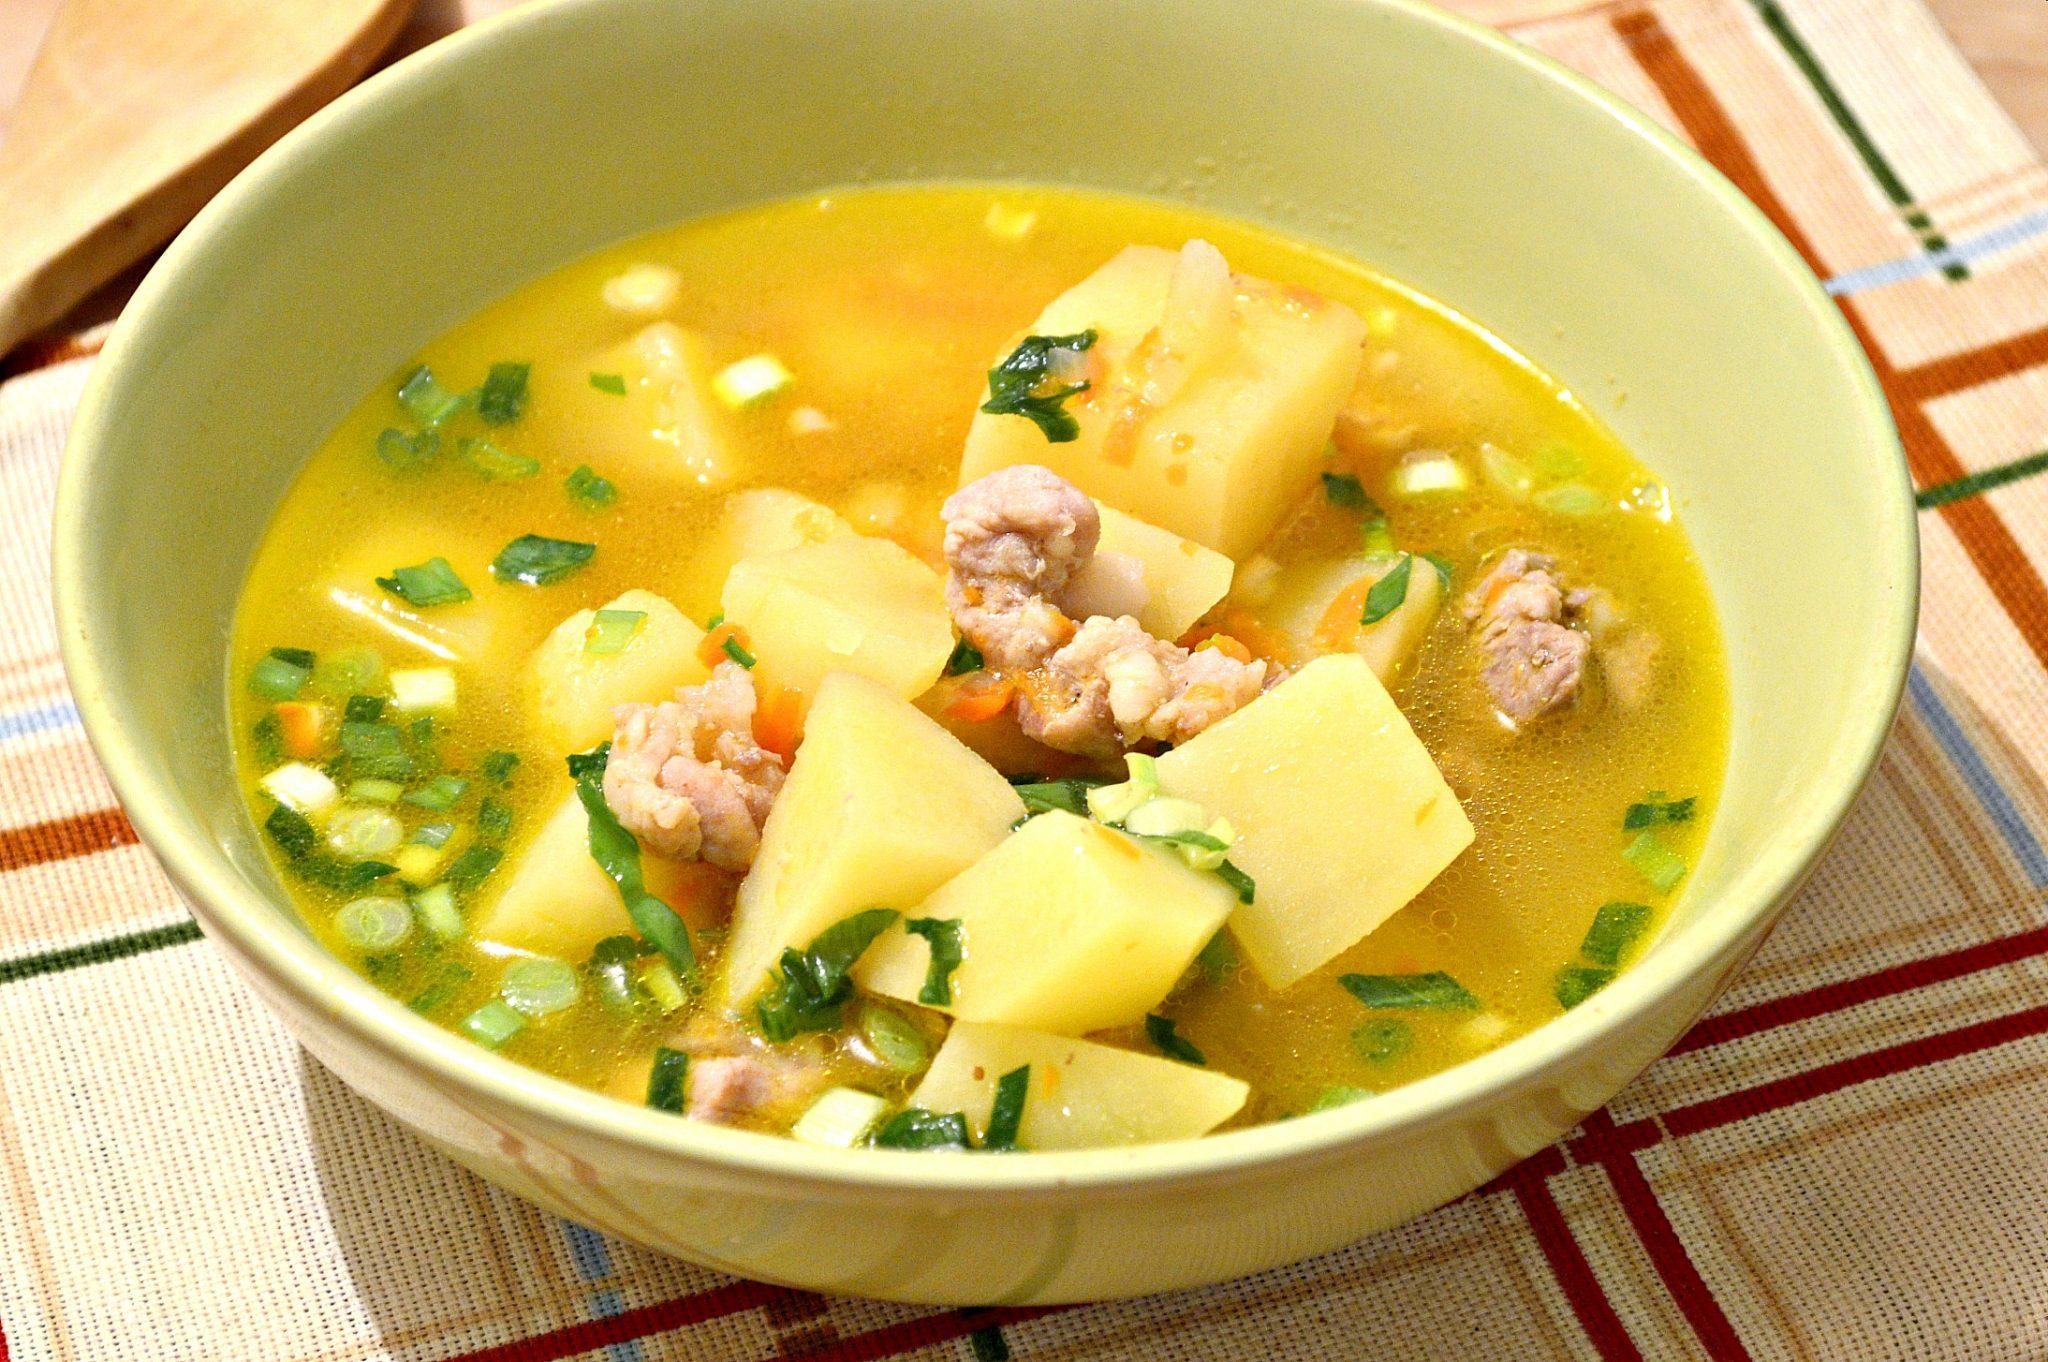 Можно Ли На Диете Есть Картофельный Суп. Картофельный суп диета 5. Диетический картофельный суп: худеем с пользой